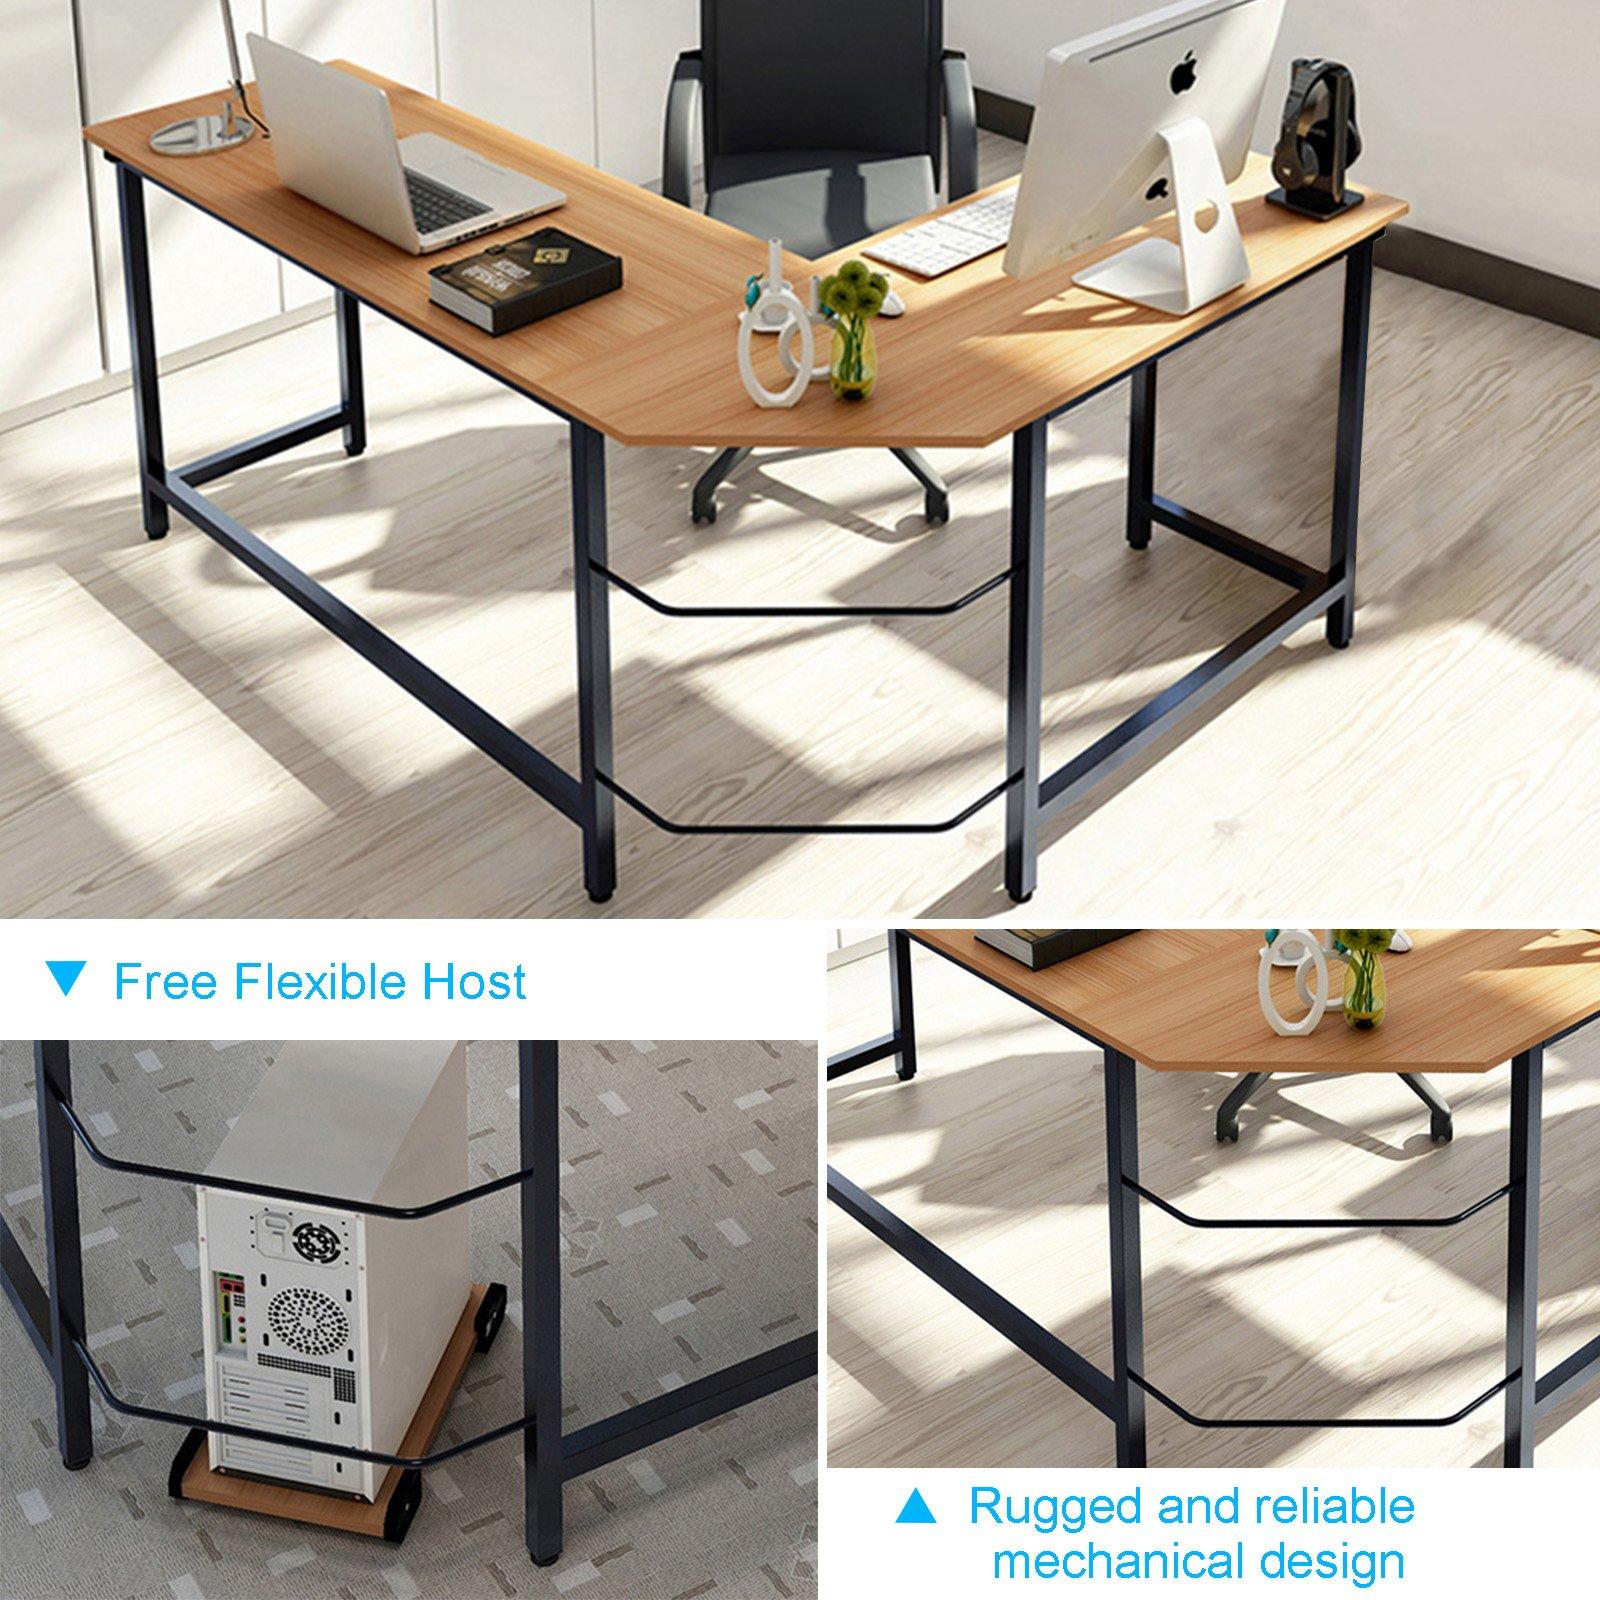 new l shaped corner computer desk dell lenovo gaming laptop table home office ebay. Black Bedroom Furniture Sets. Home Design Ideas